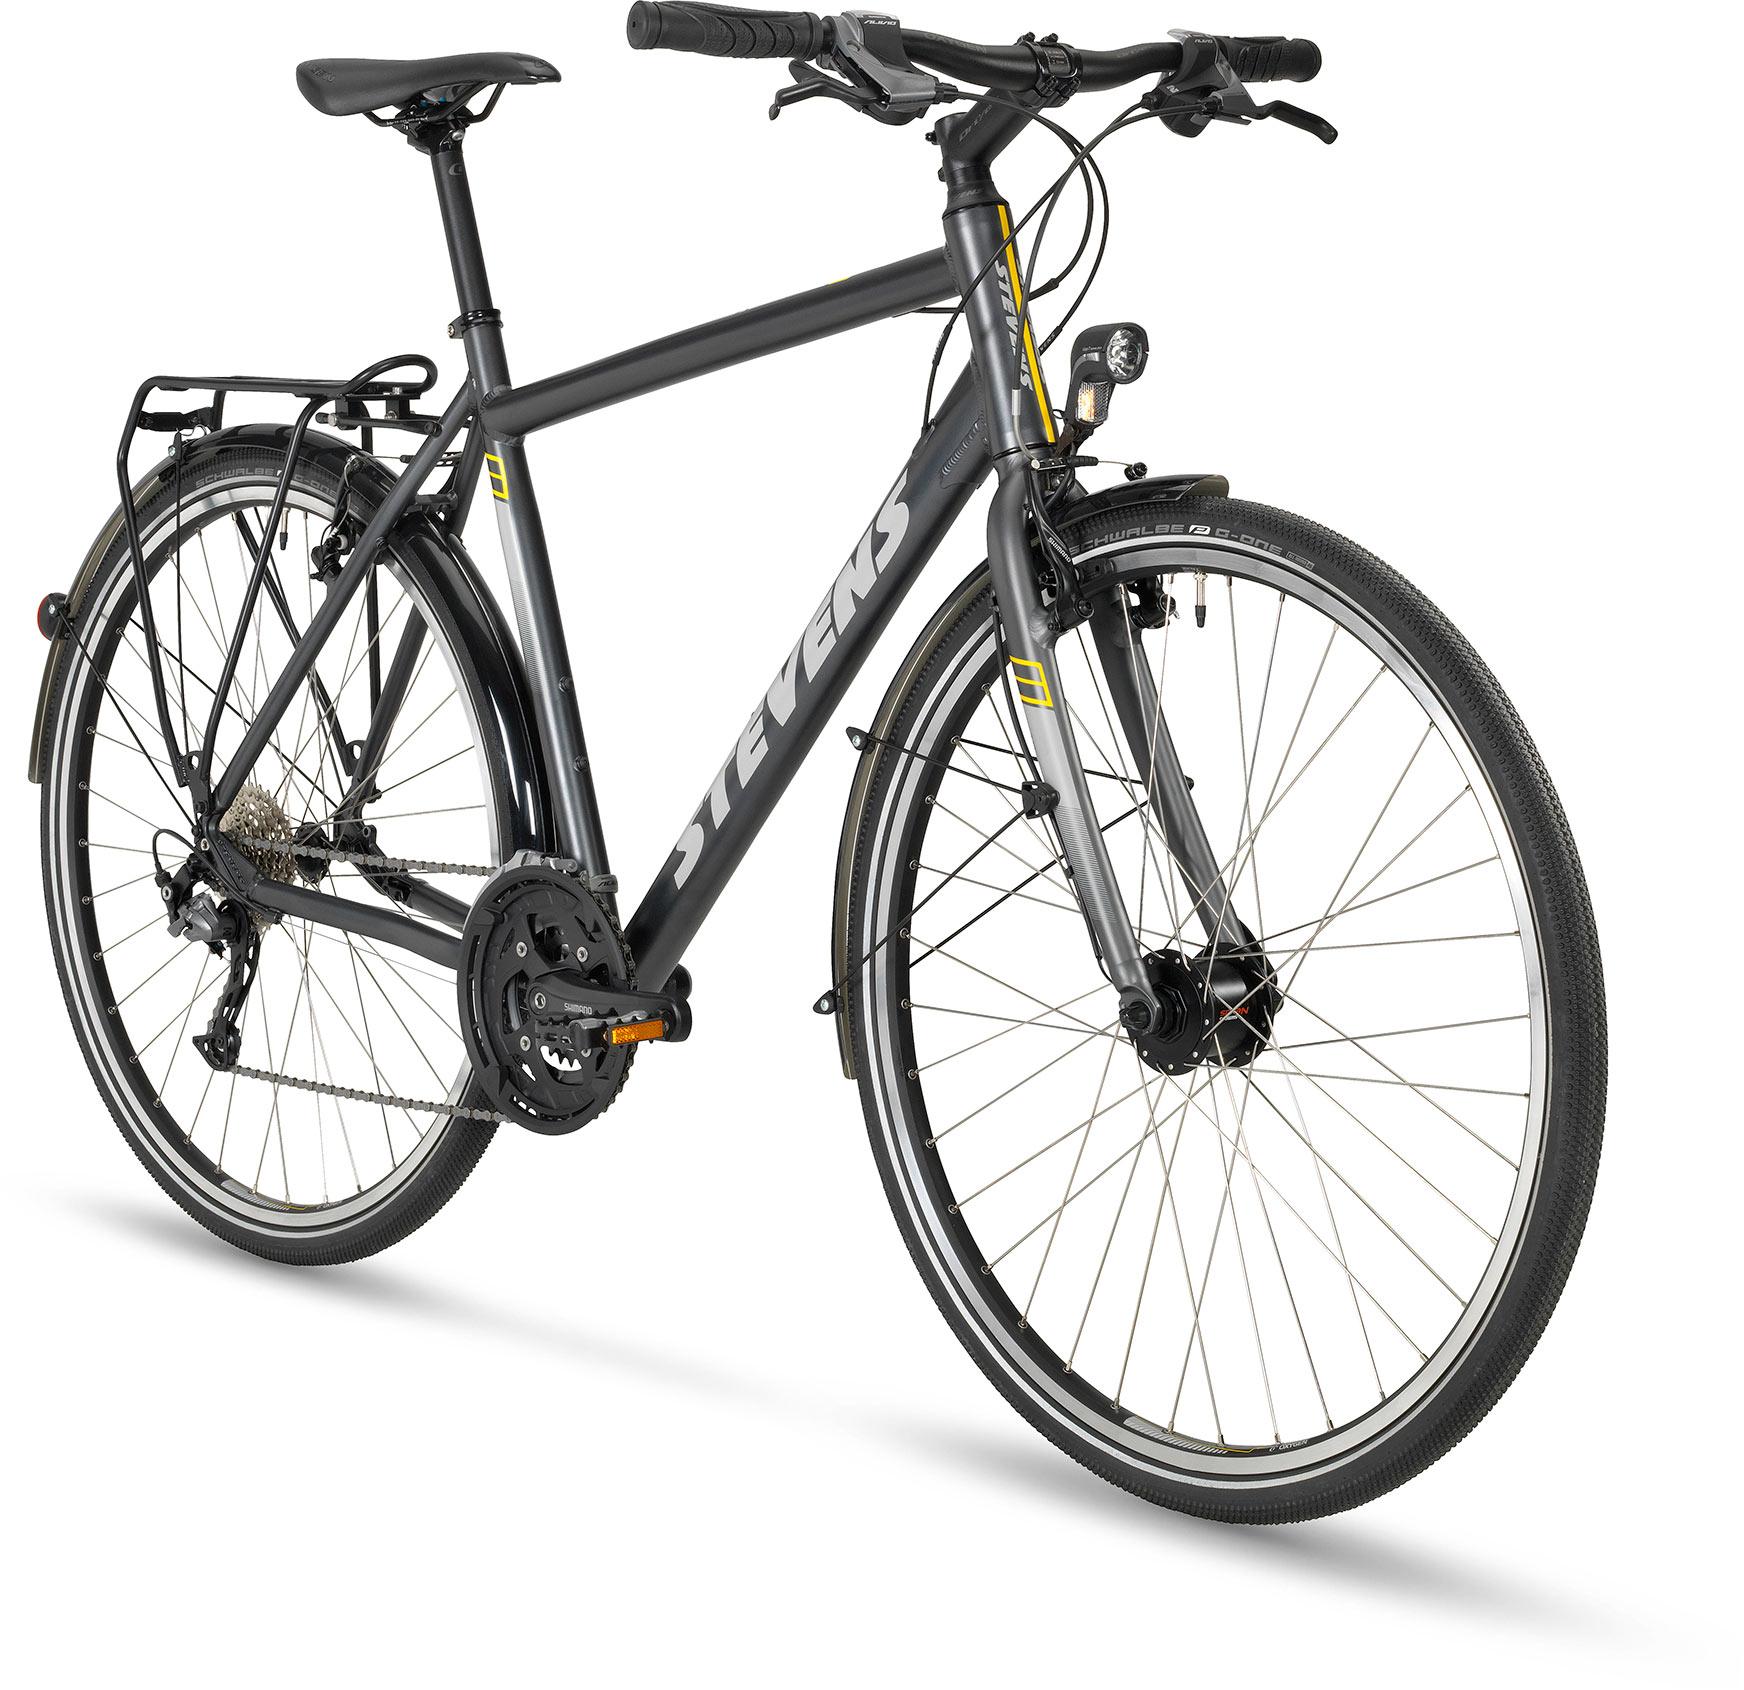 4x Lite Tour Gent Stevens Bikes 2018 Crank Shimano Alivio Touring 26 36 48 T